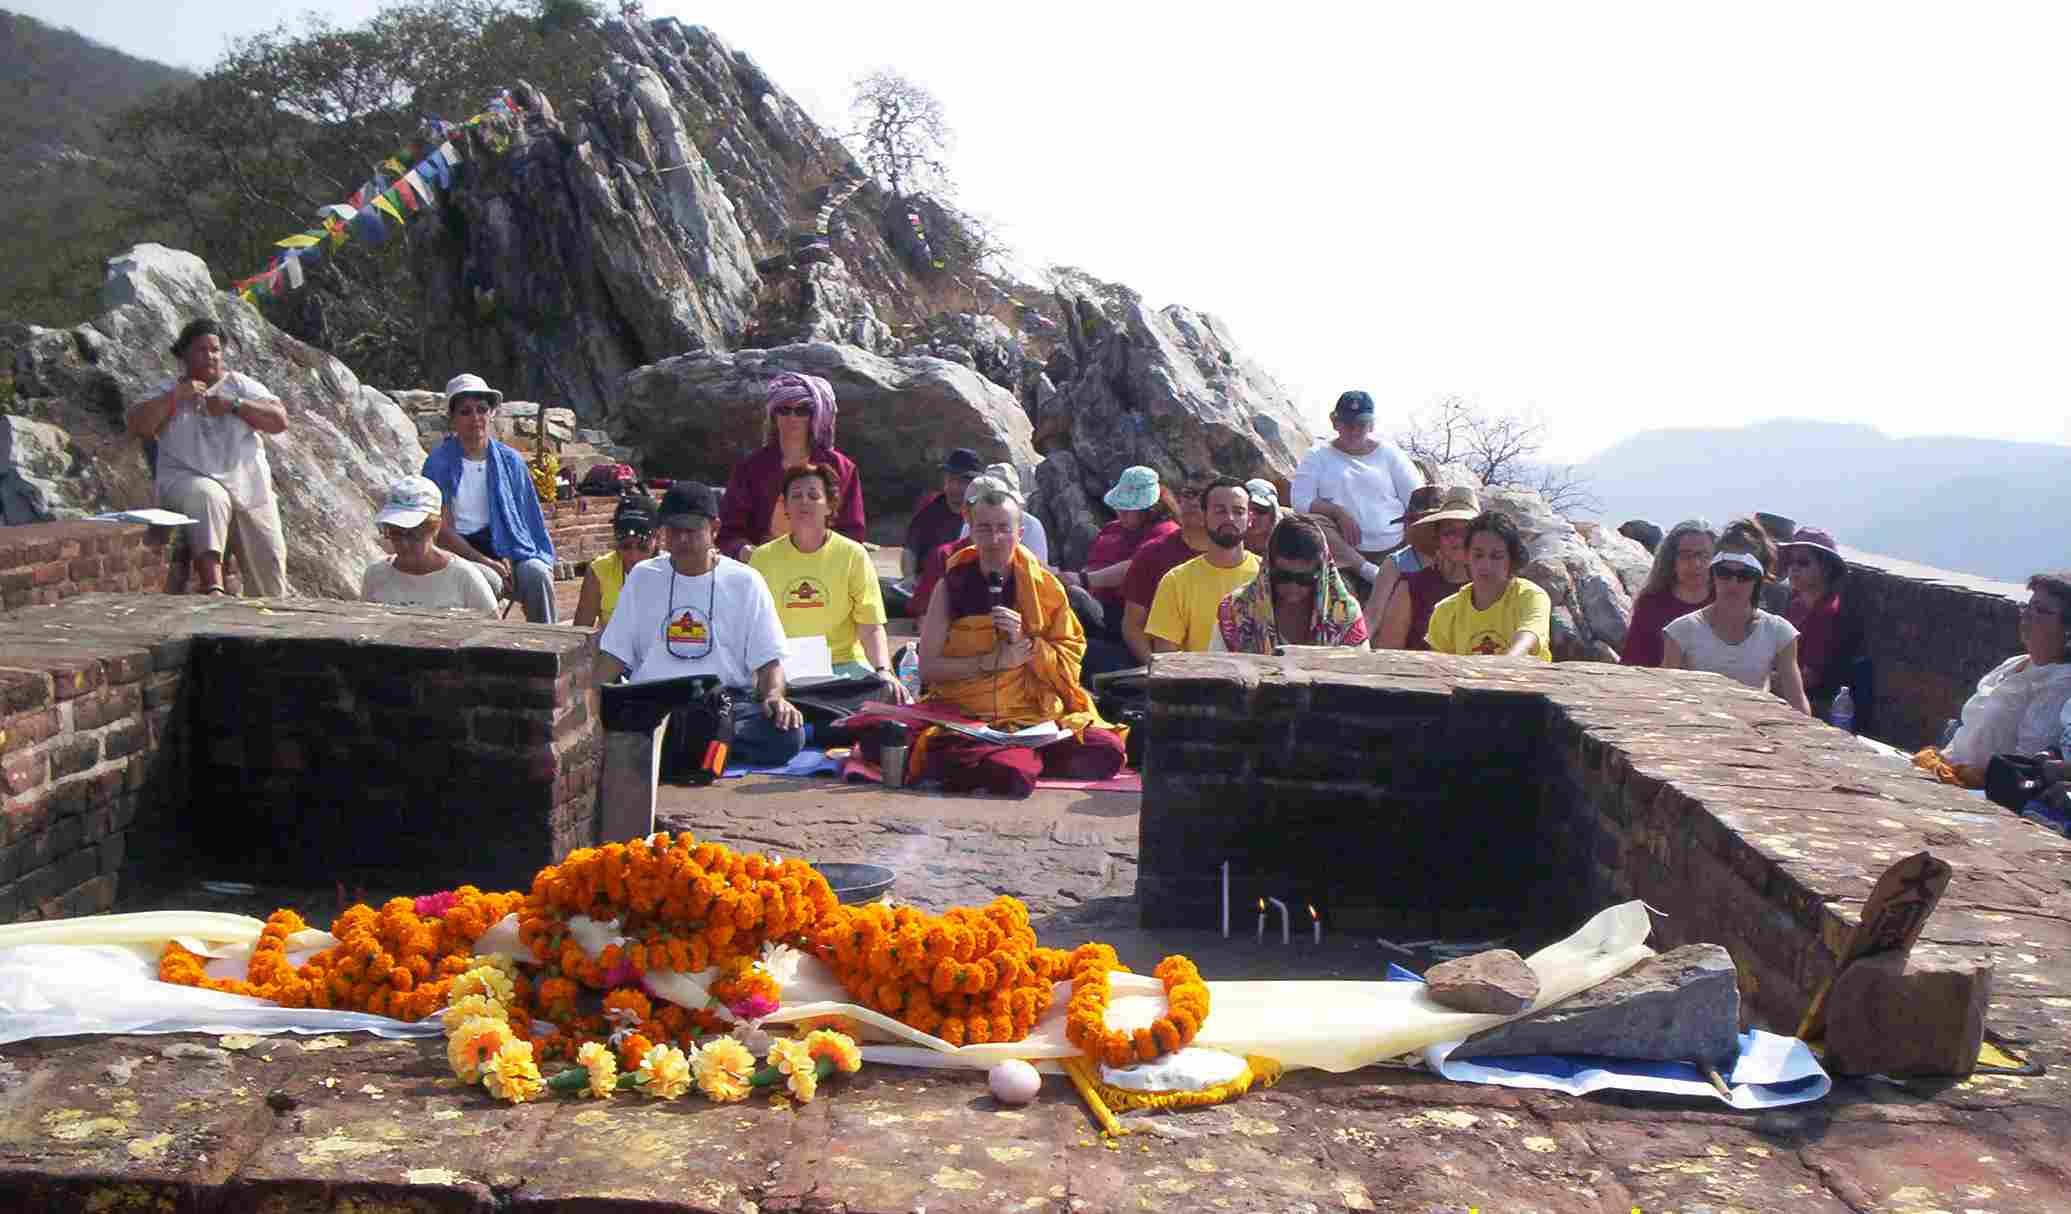 Vulture's Peak - Linh Thứu Sơn